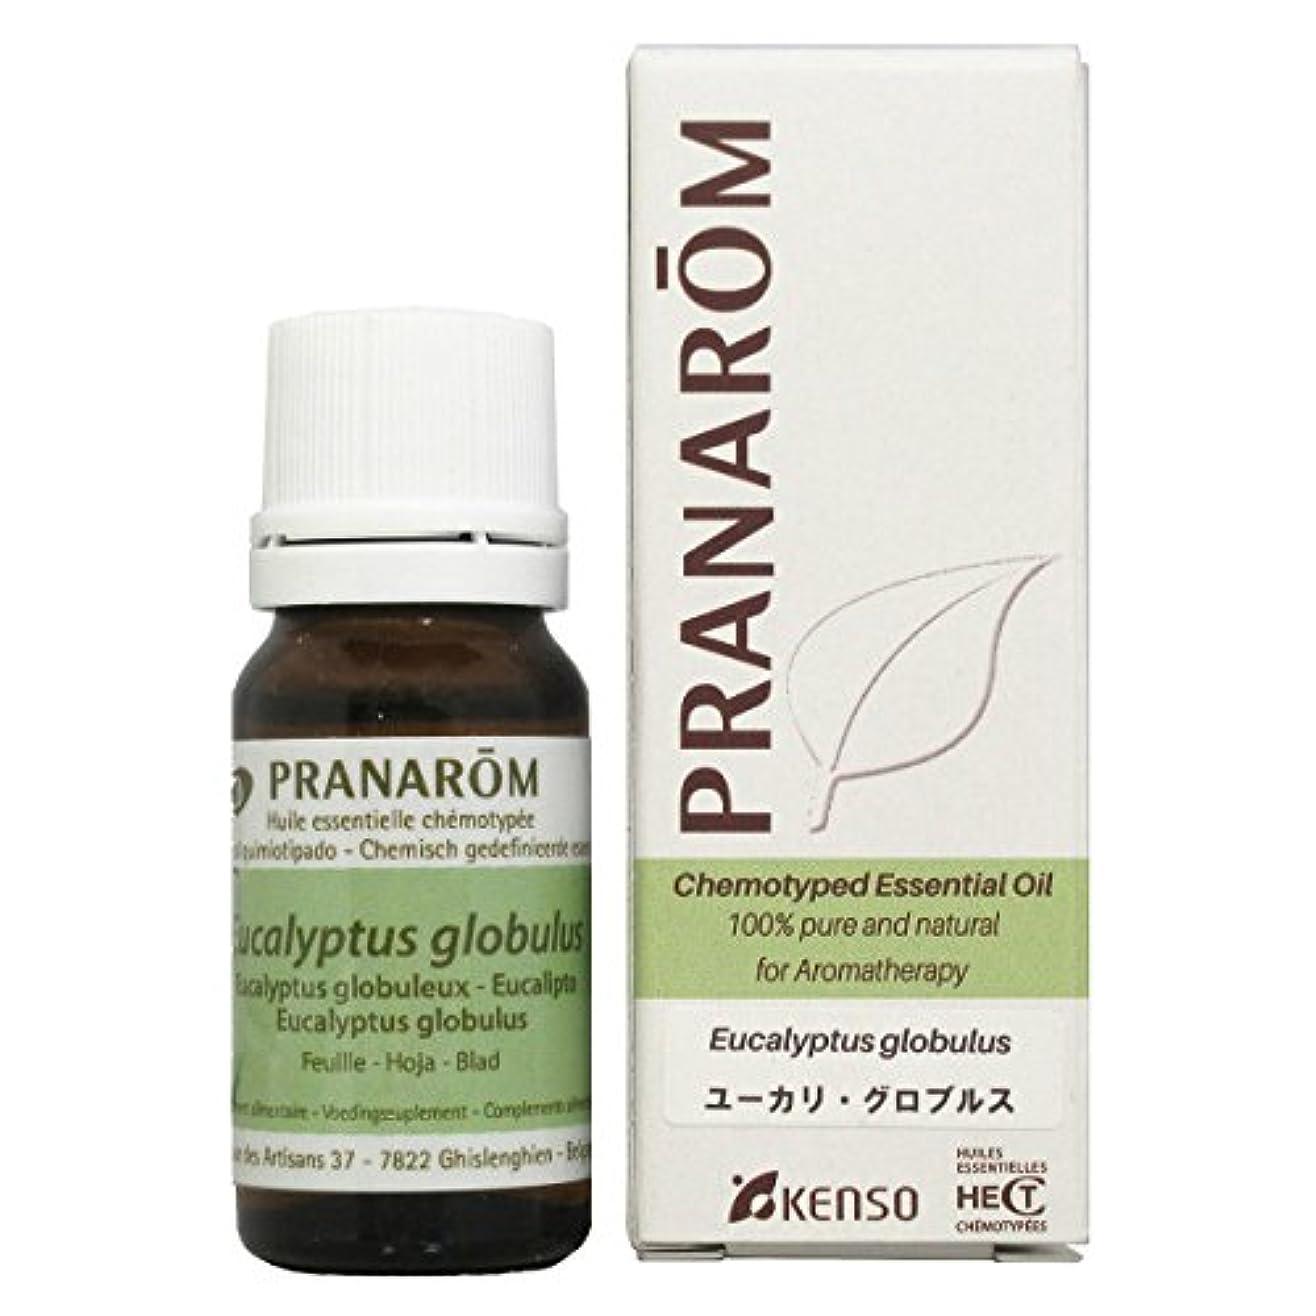 思い出させる確かに昇るプラナロム ユーカリグロブルス 10ml (PRANAROM ケモタイプ精油)